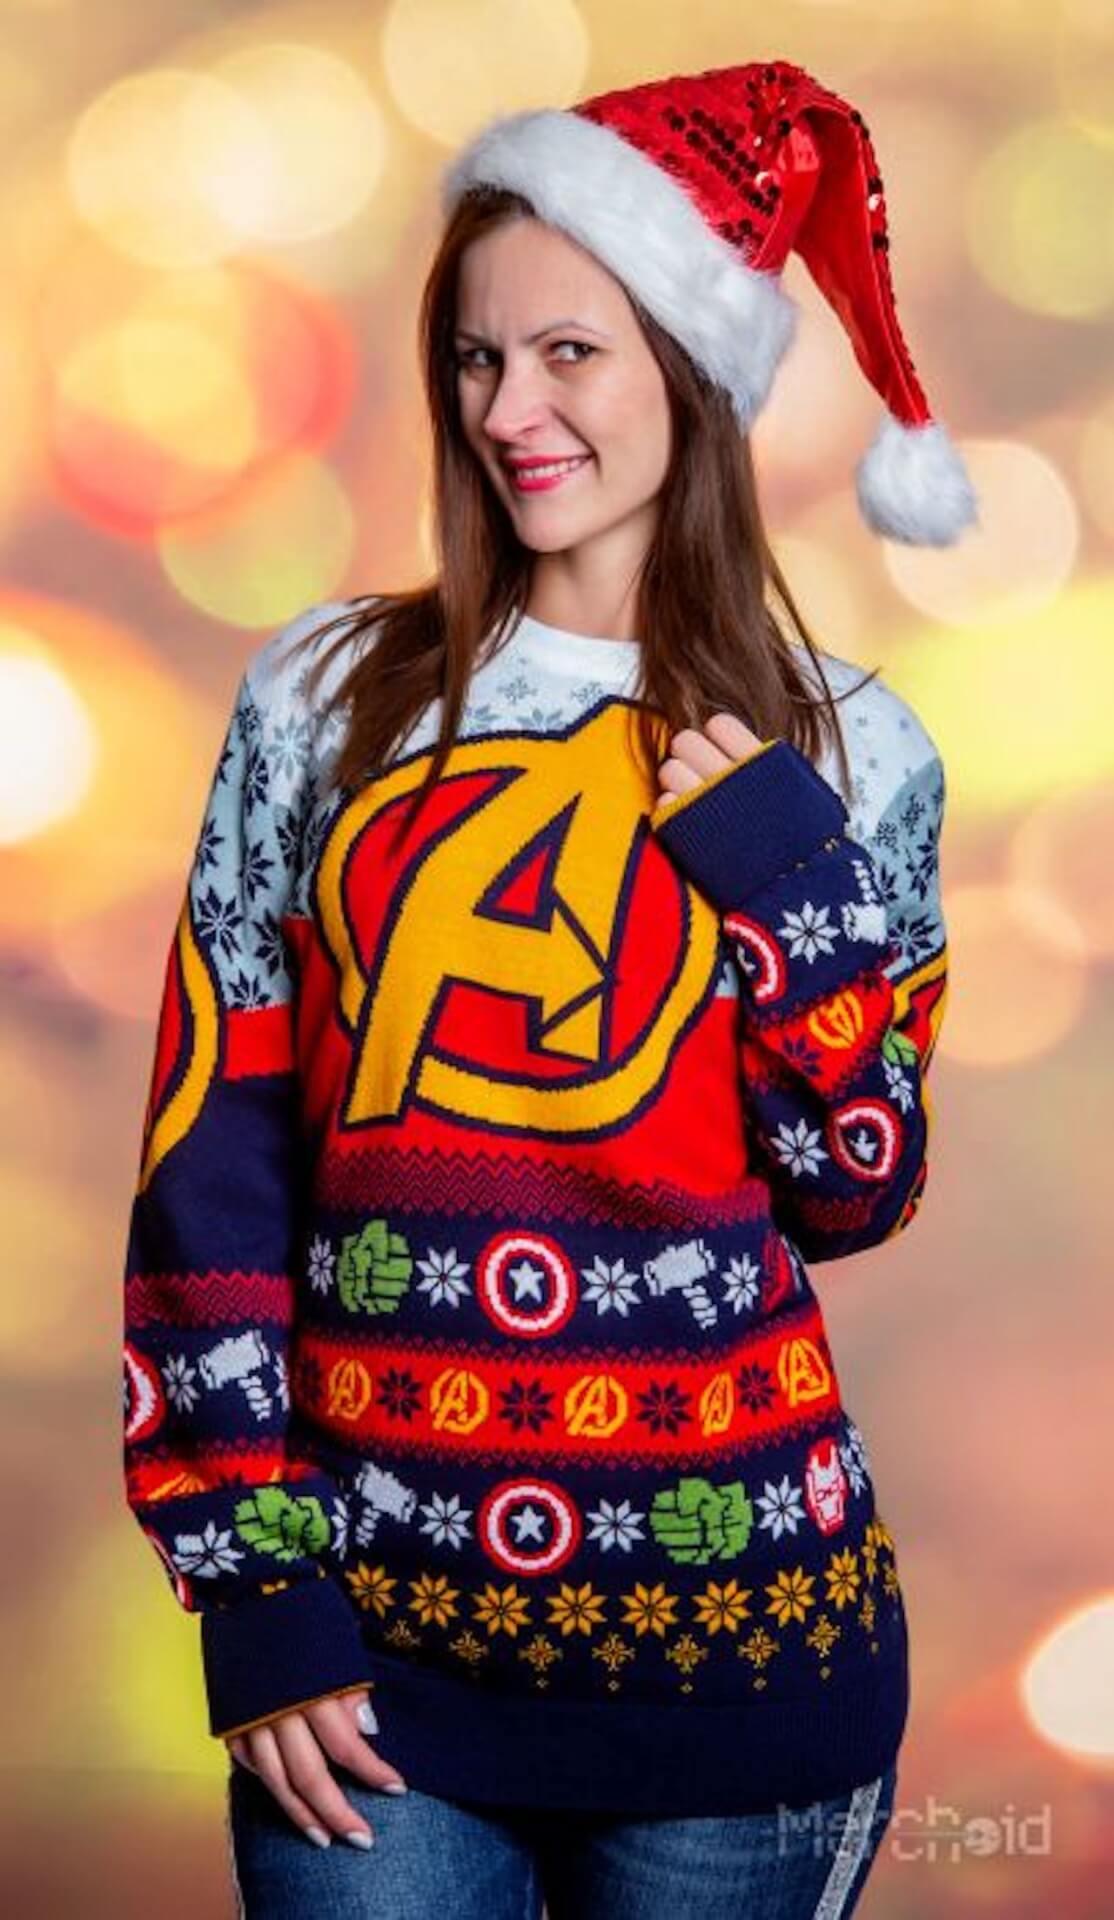 「ダサいセーター」コレクションにアイアンマン、ブラックパンサーなどマーベルヒーローたちが登場 life-fashion190924-marvel-ugly-sweater-2